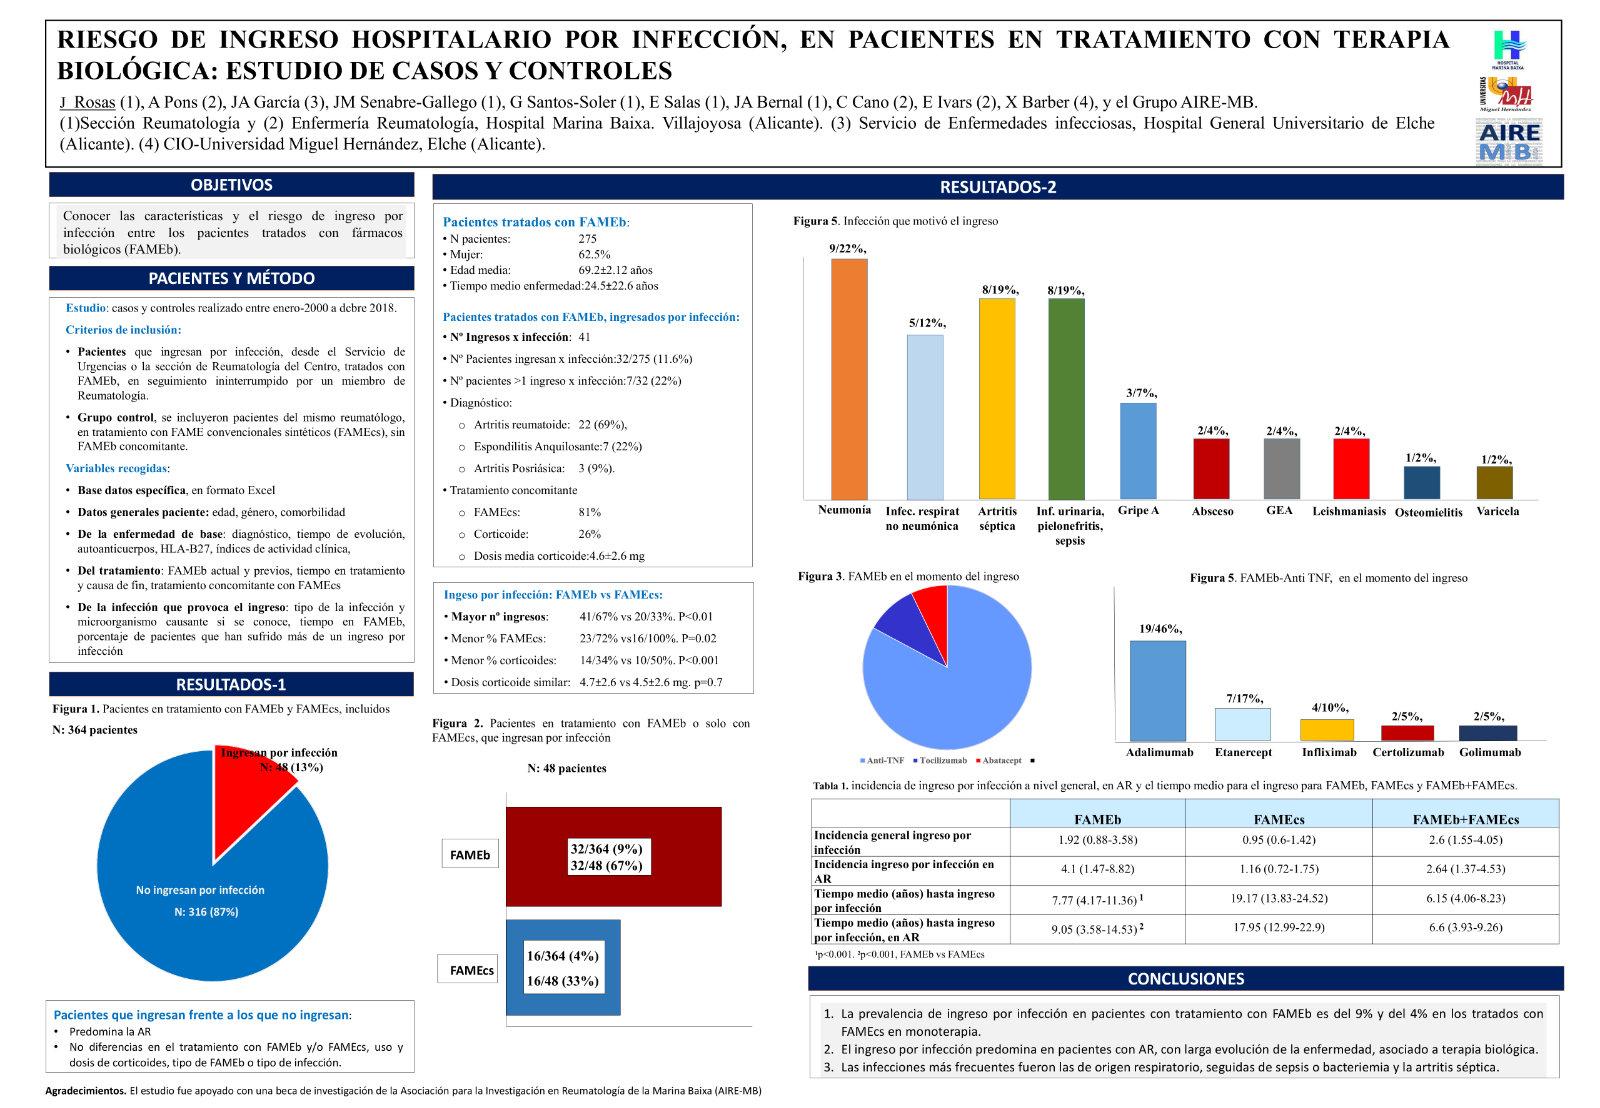 Riesgo de ingreso hospitalario por infección, en pacientes en tratamiento con terapia biológica: estudio de casos y controles